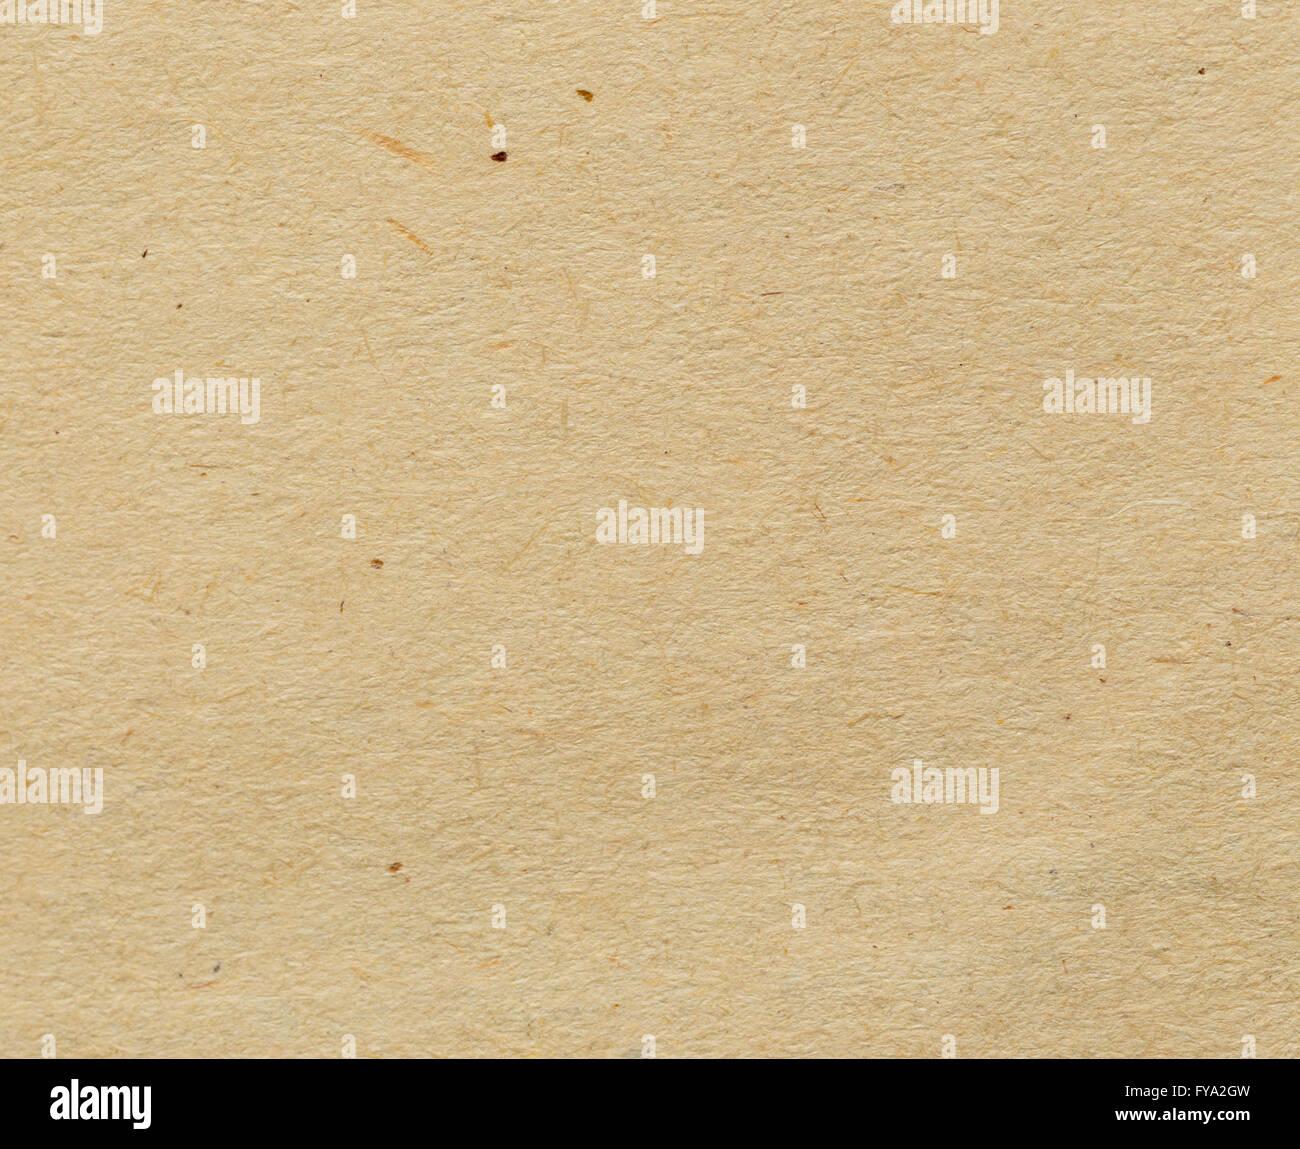 Naturpapier Textur Hintergrund mit Partikeln für Design-Einsatz Stockbild